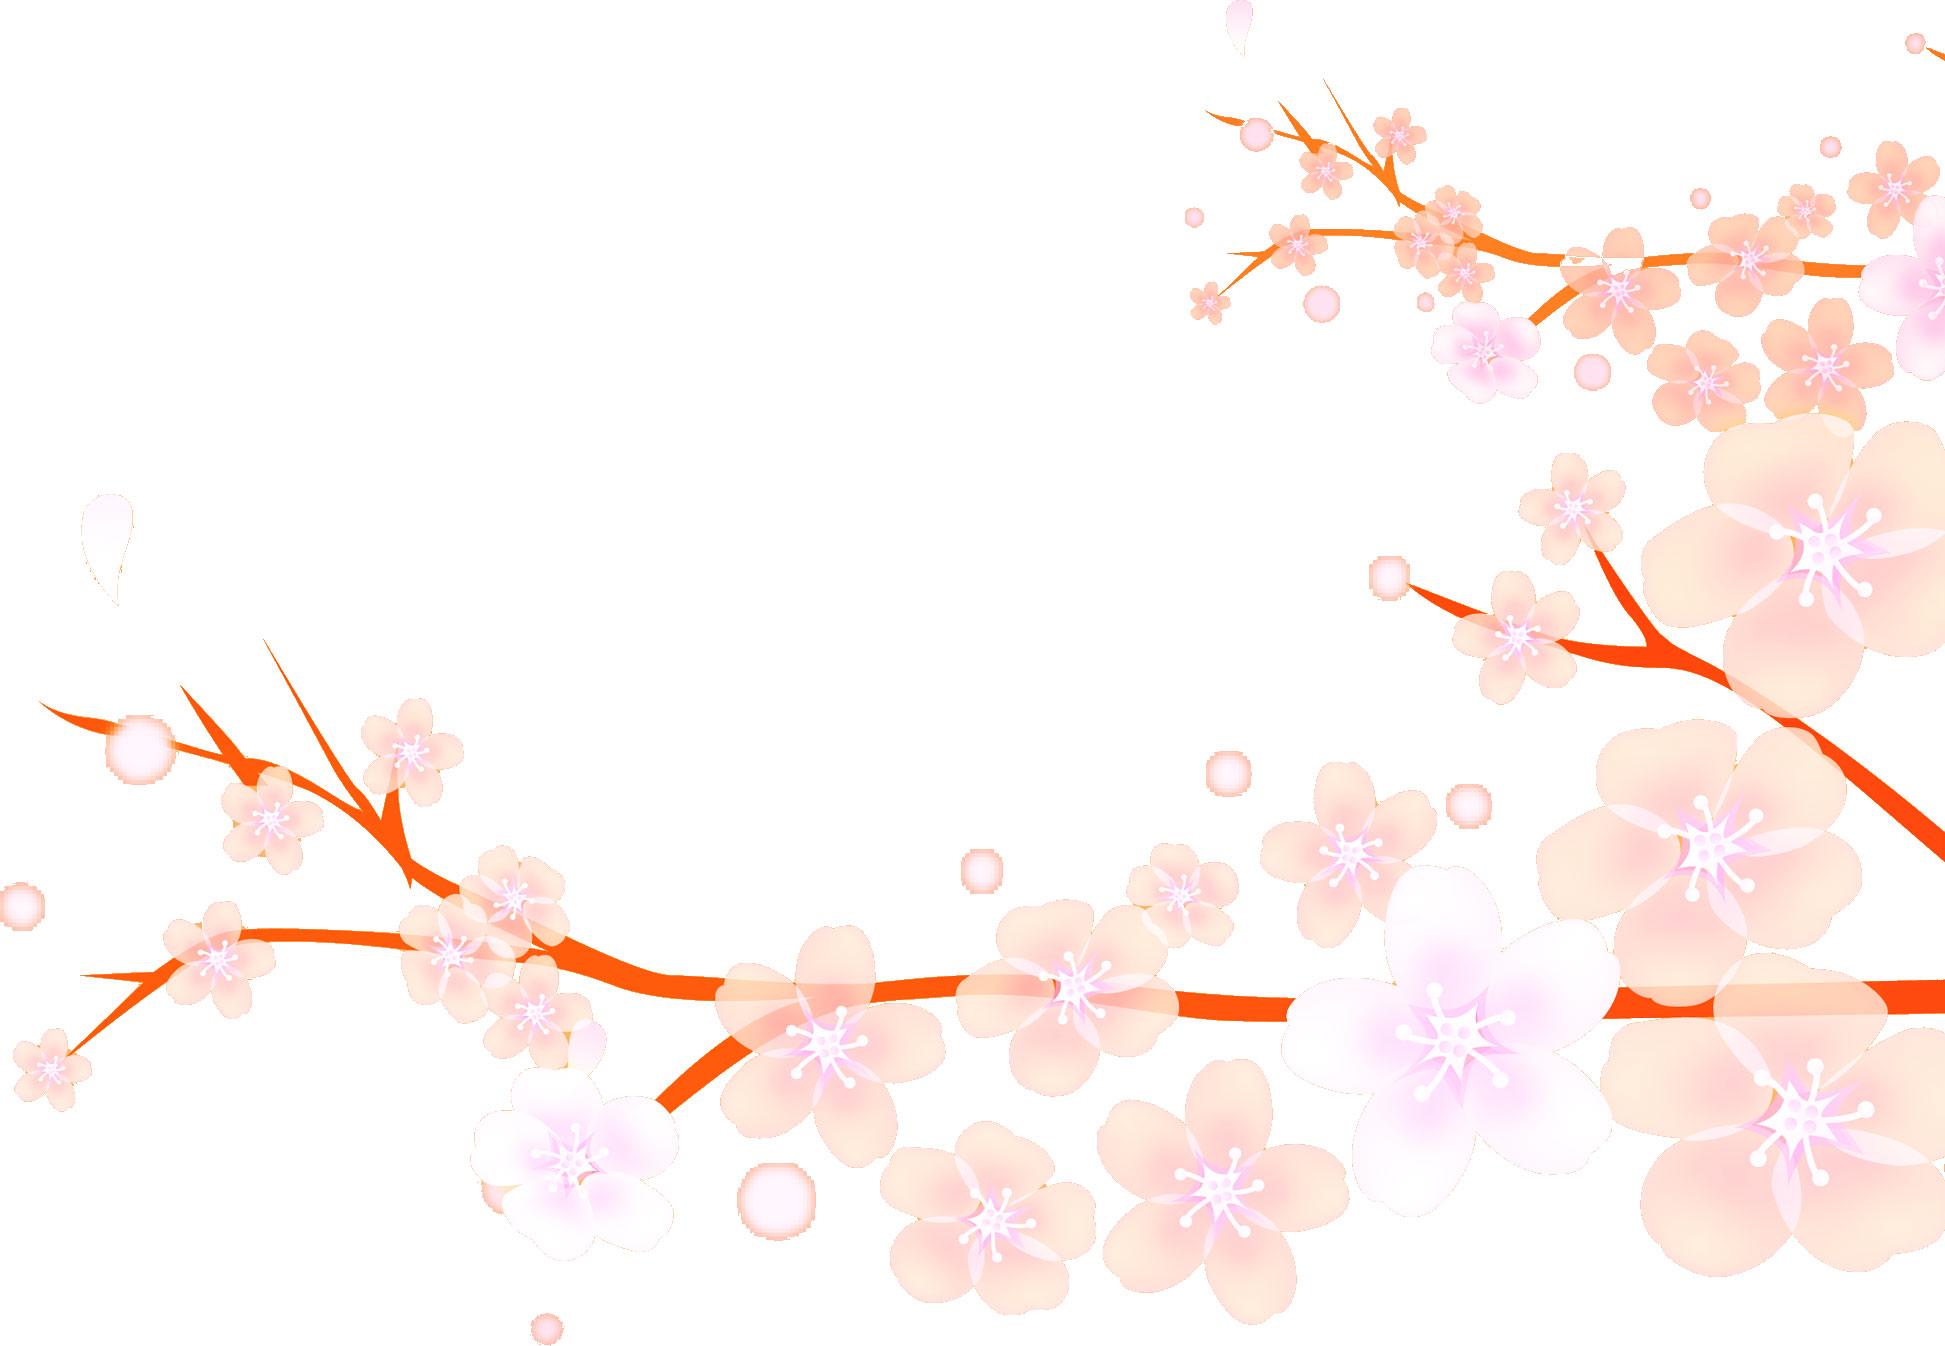 桜(さくら)の画像・イラスト・フリー素材/no.023『桜・枝・淡い